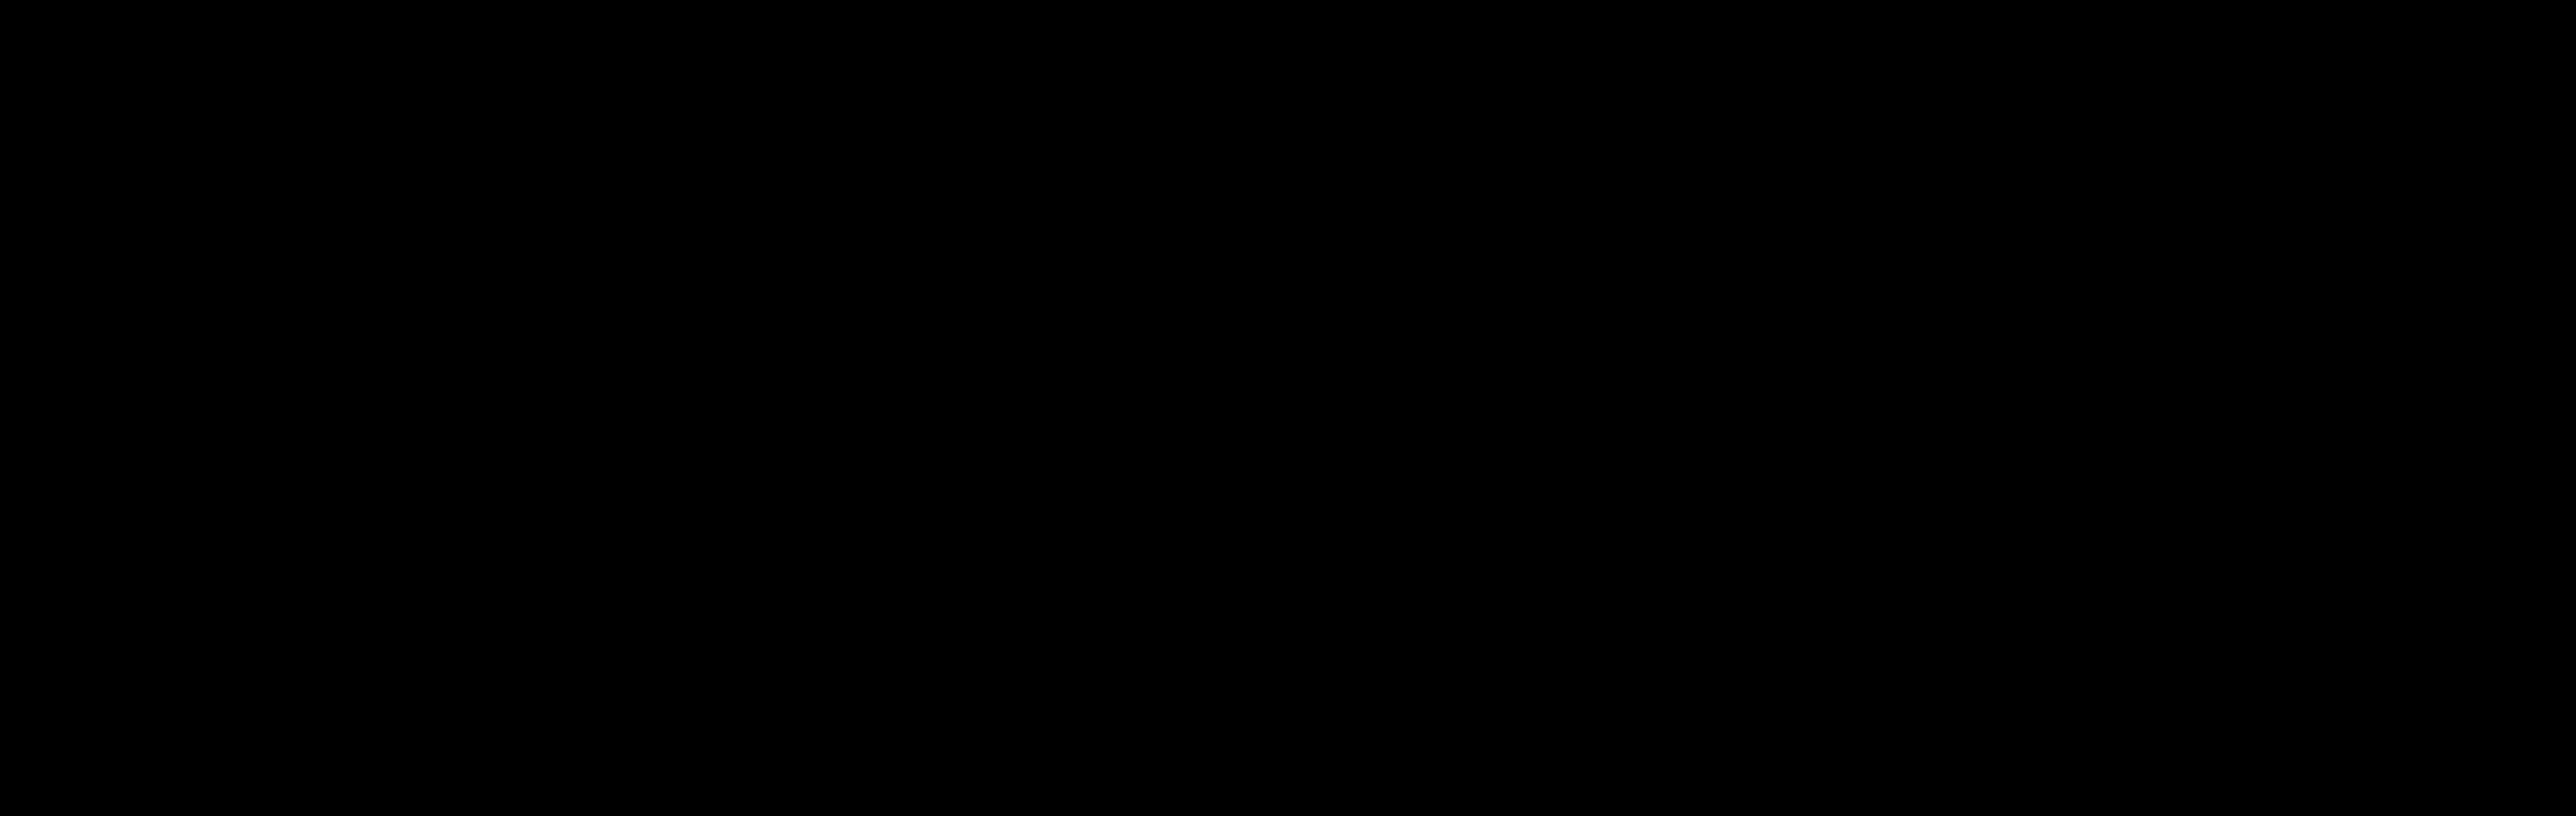 NC-9 d<sub>6</sub>